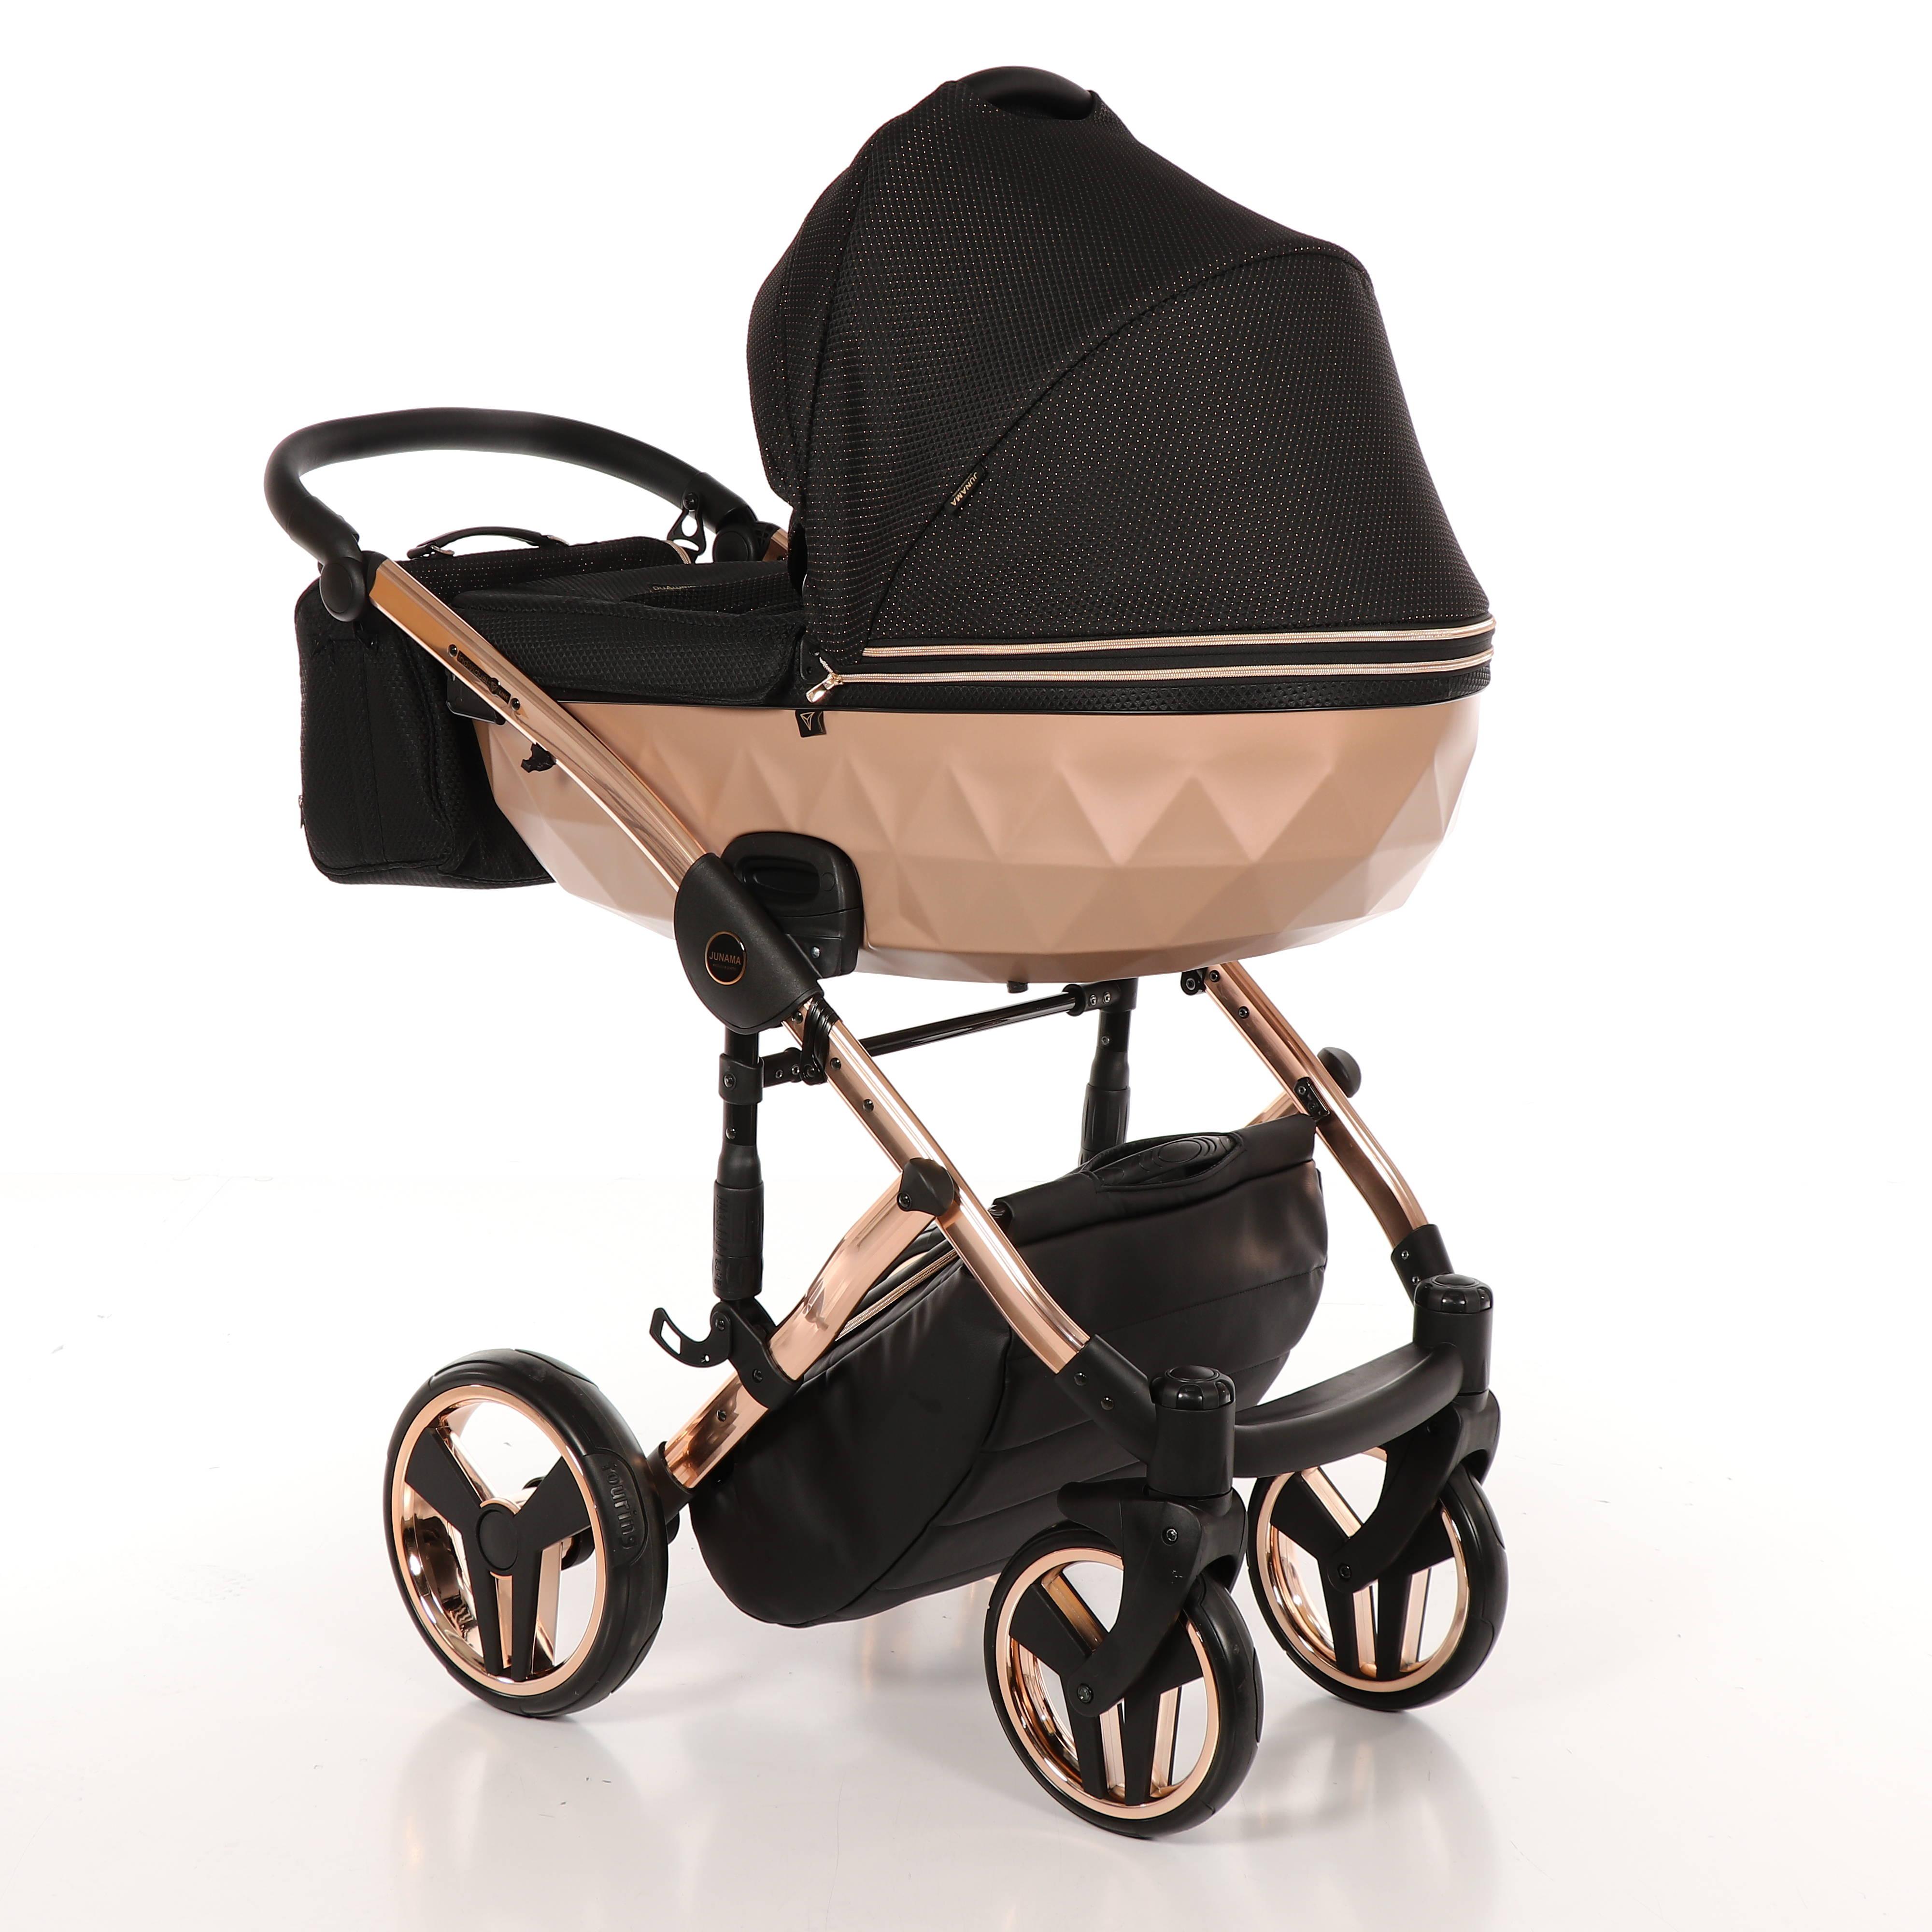 wielofunkcyjny Junama Mirror satin wózek dziecięcy